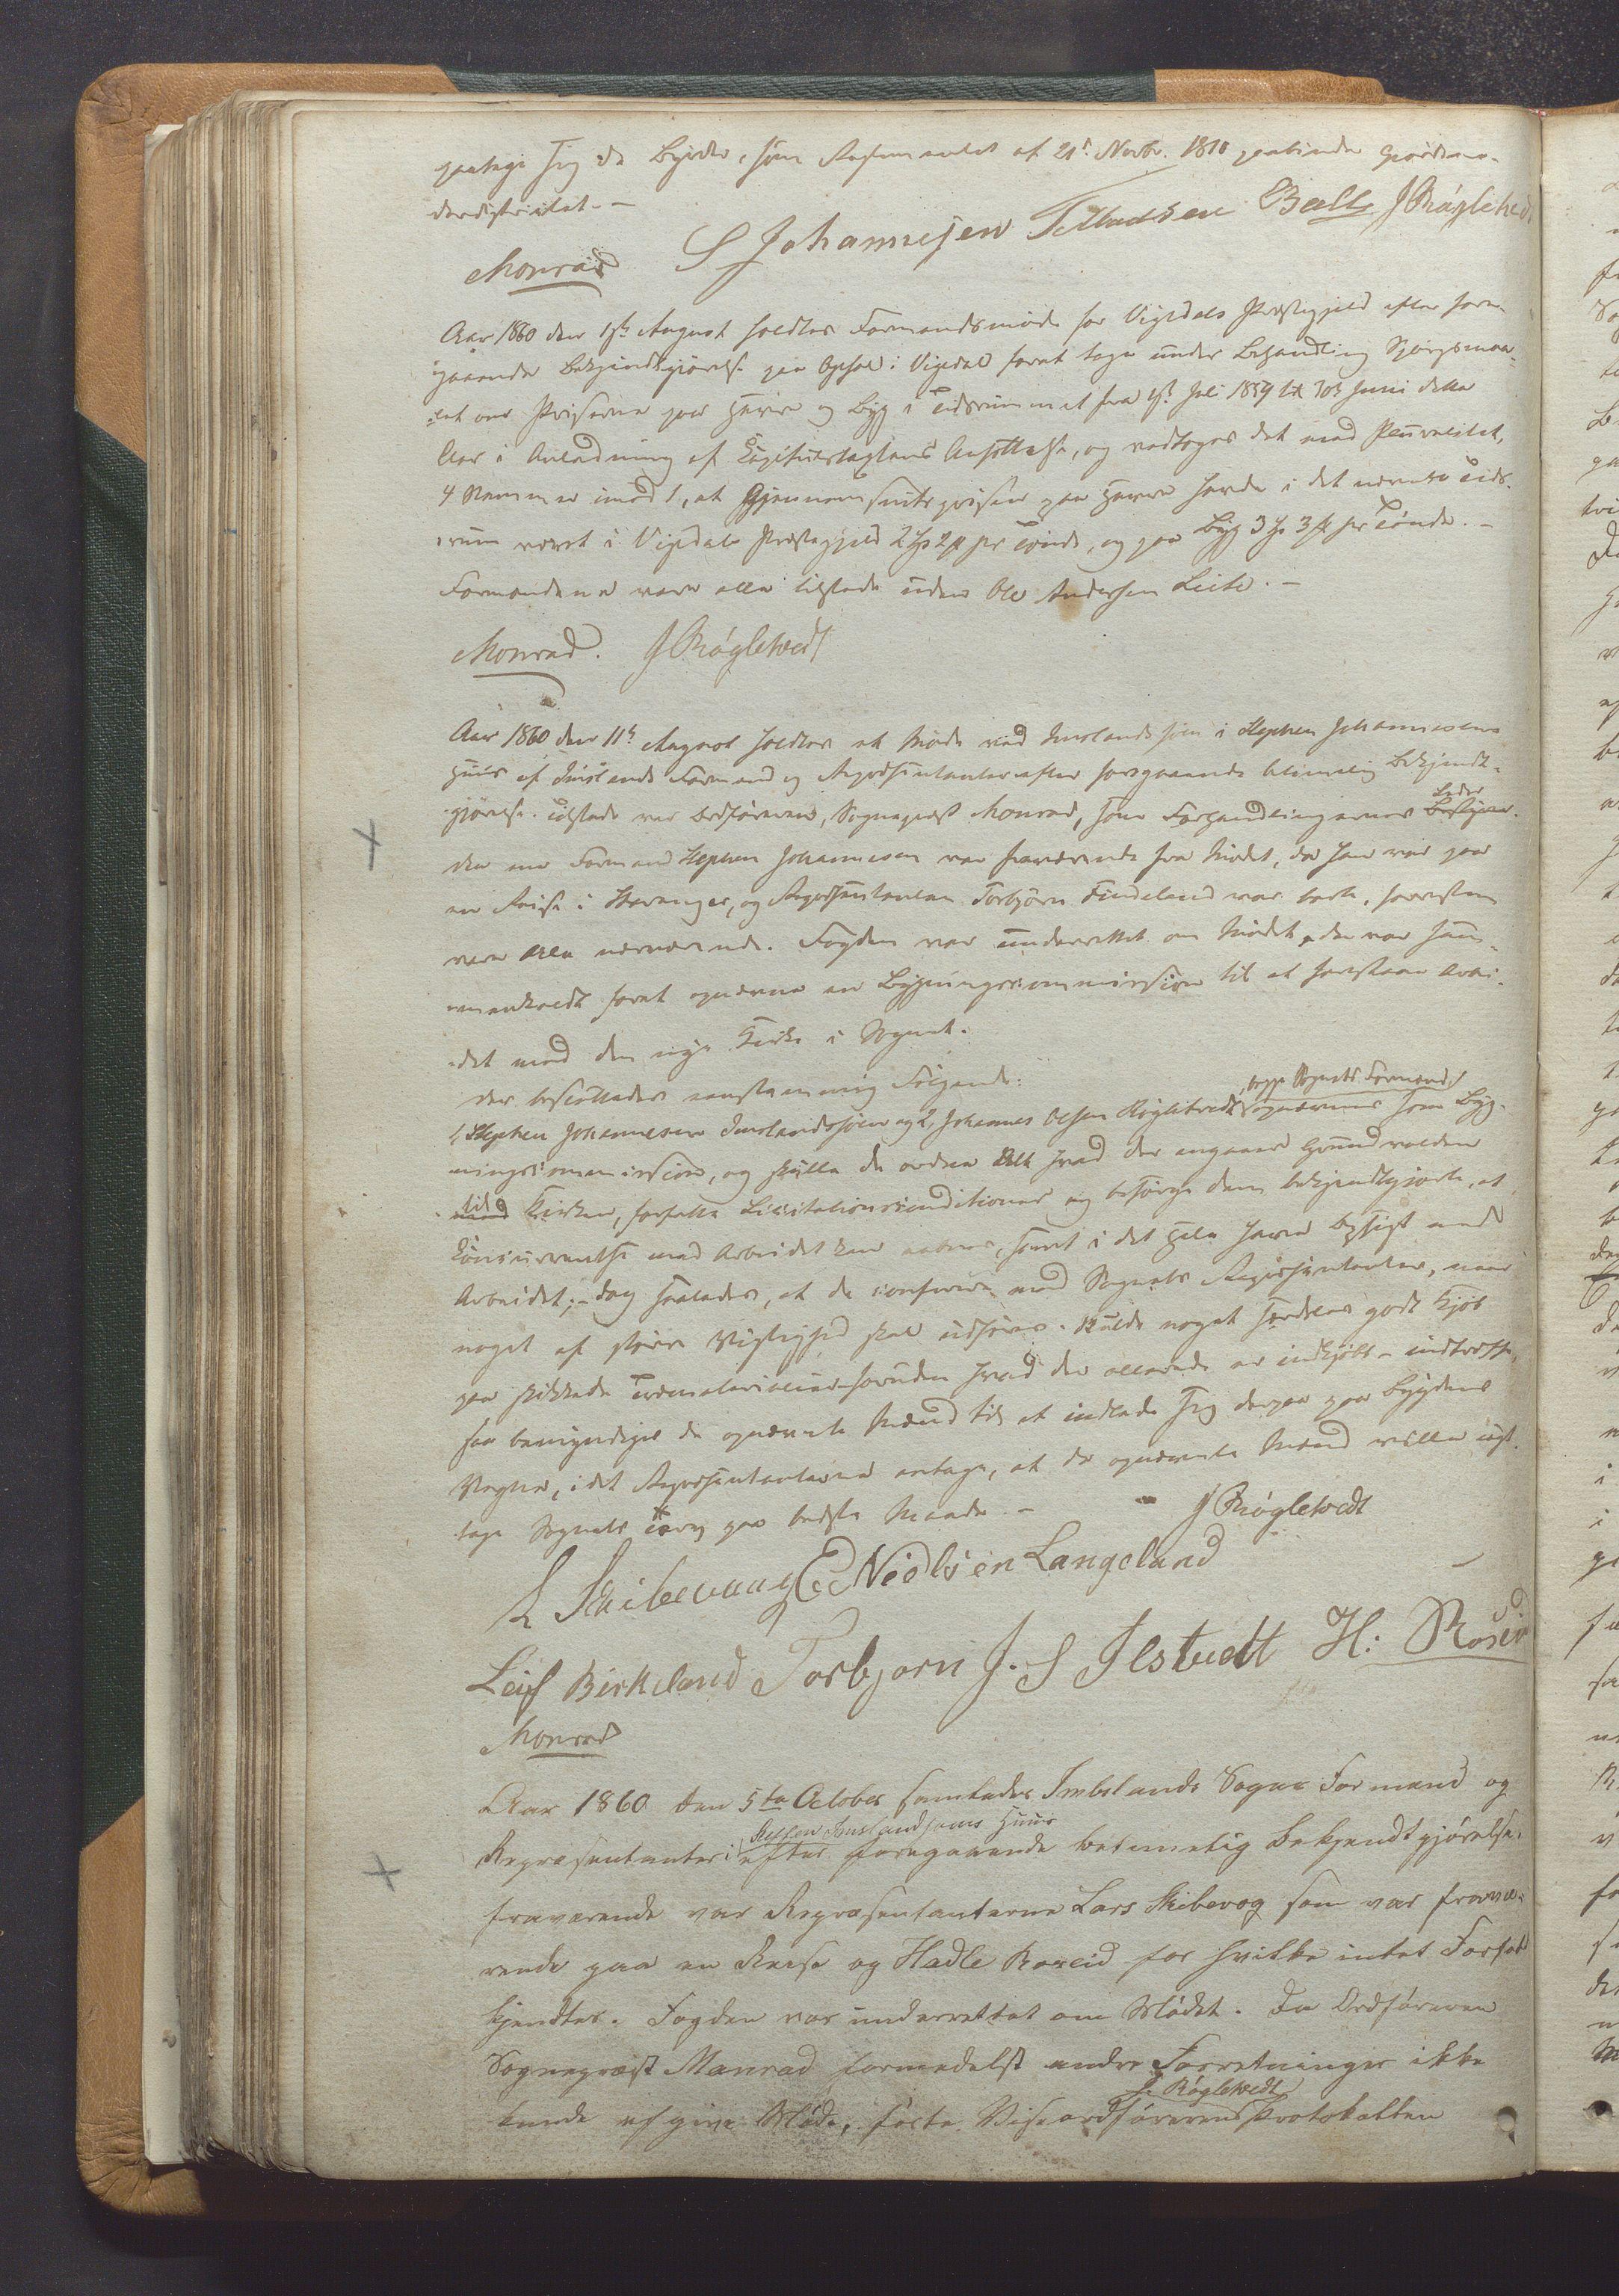 IKAR, Vikedal kommune - Formannskapet, Aaa/L0001: Møtebok, 1837-1874, p. 131b